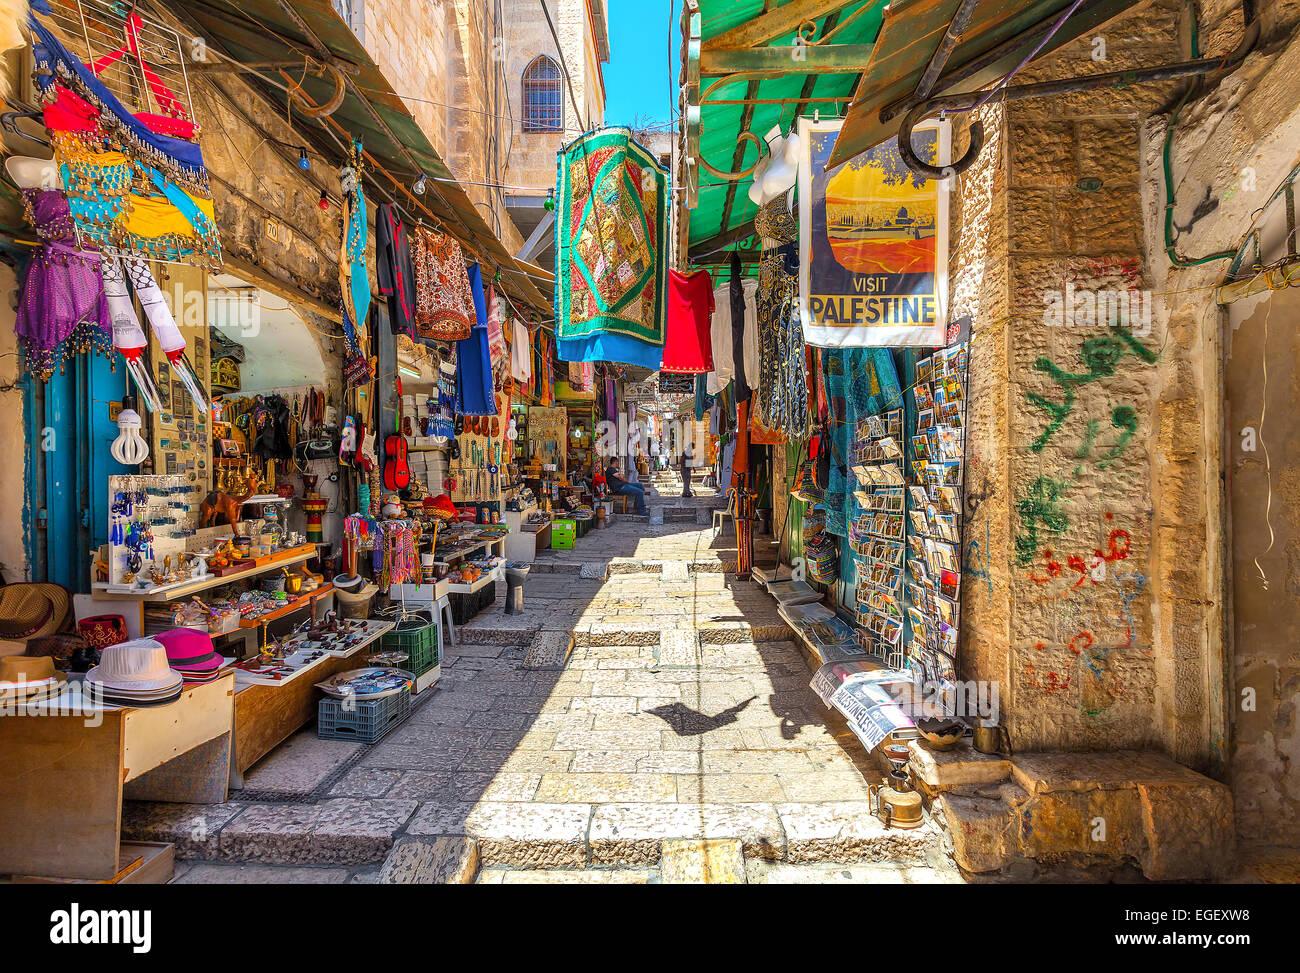 Strette strade di pietra tra bancarelle con souvenir tradizionali e dei beni al bazaar a Gerusalemme. Foto Stock